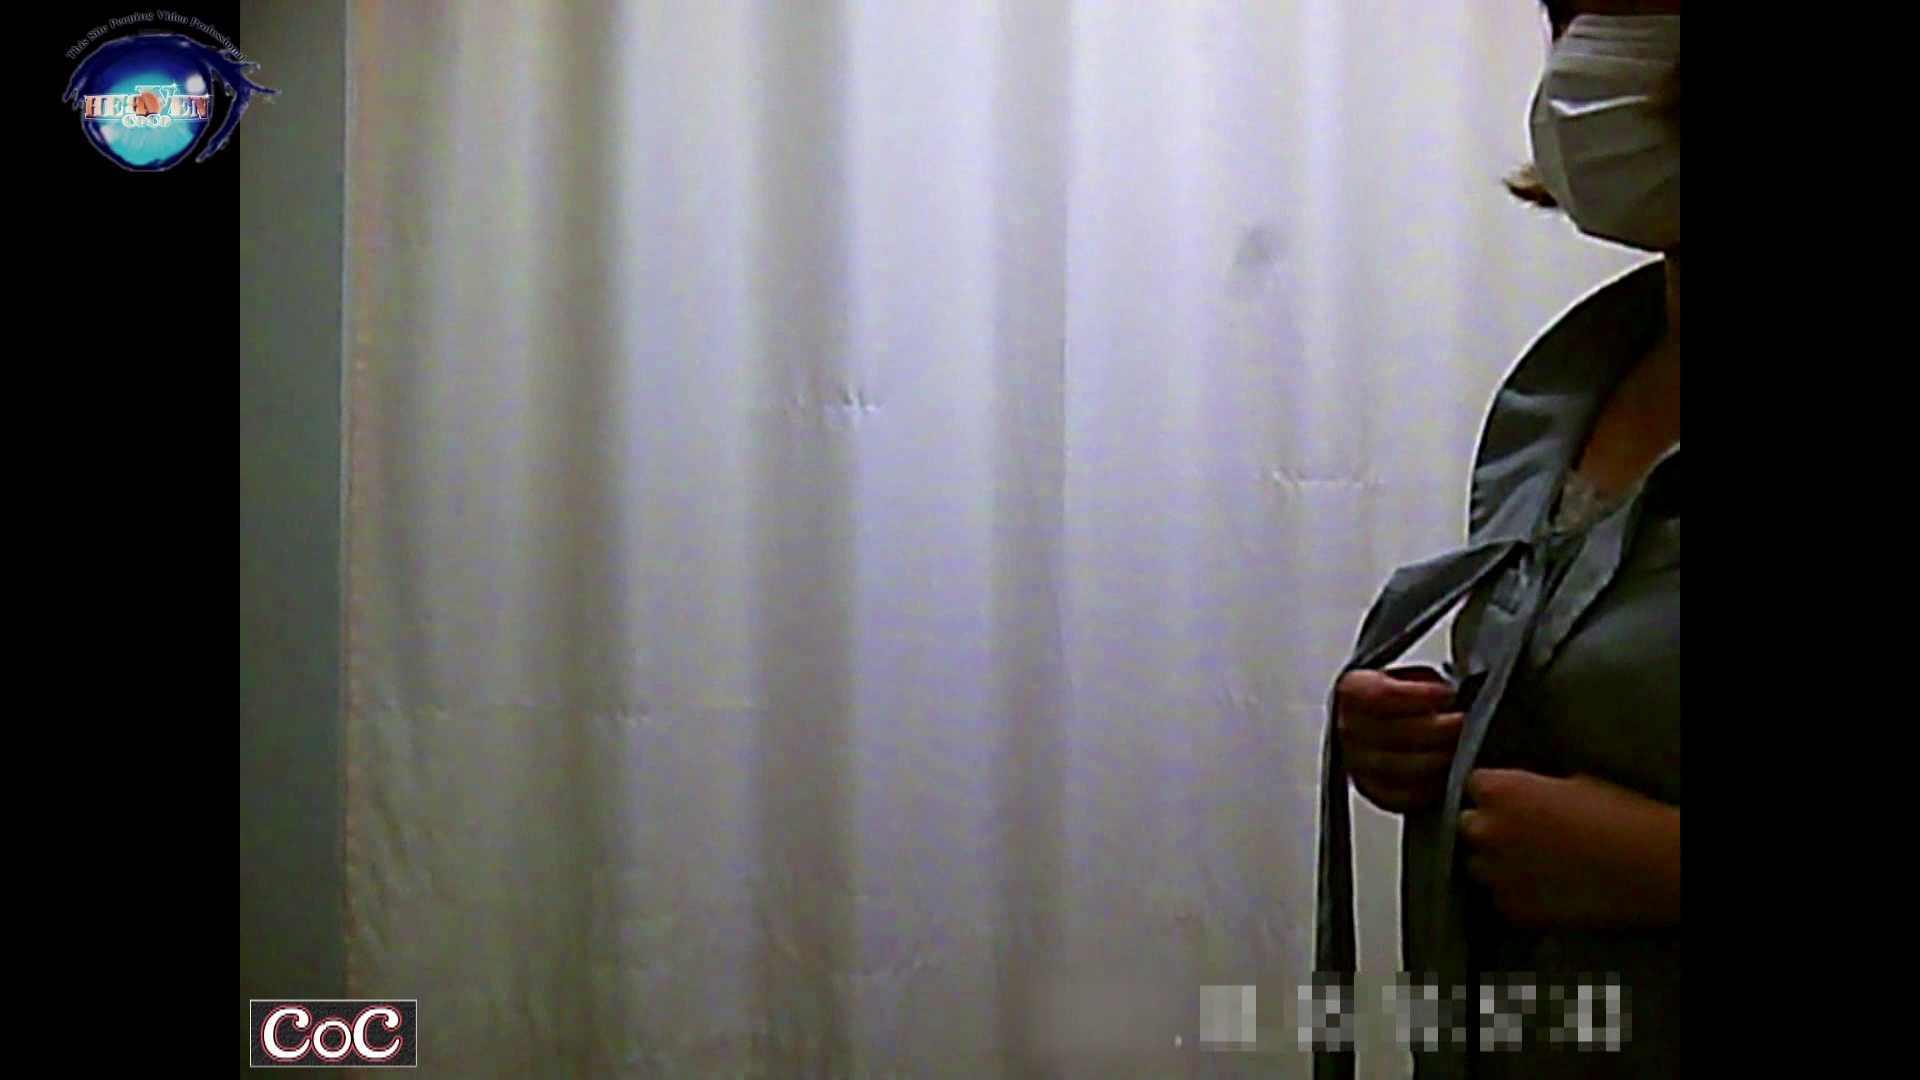 激ヤバ健康診断!着替えの一部始終.vol.11 ※本編ボカシ・目線無し 盗撮シリーズ オマンコ無修正動画無料 107PIX 67